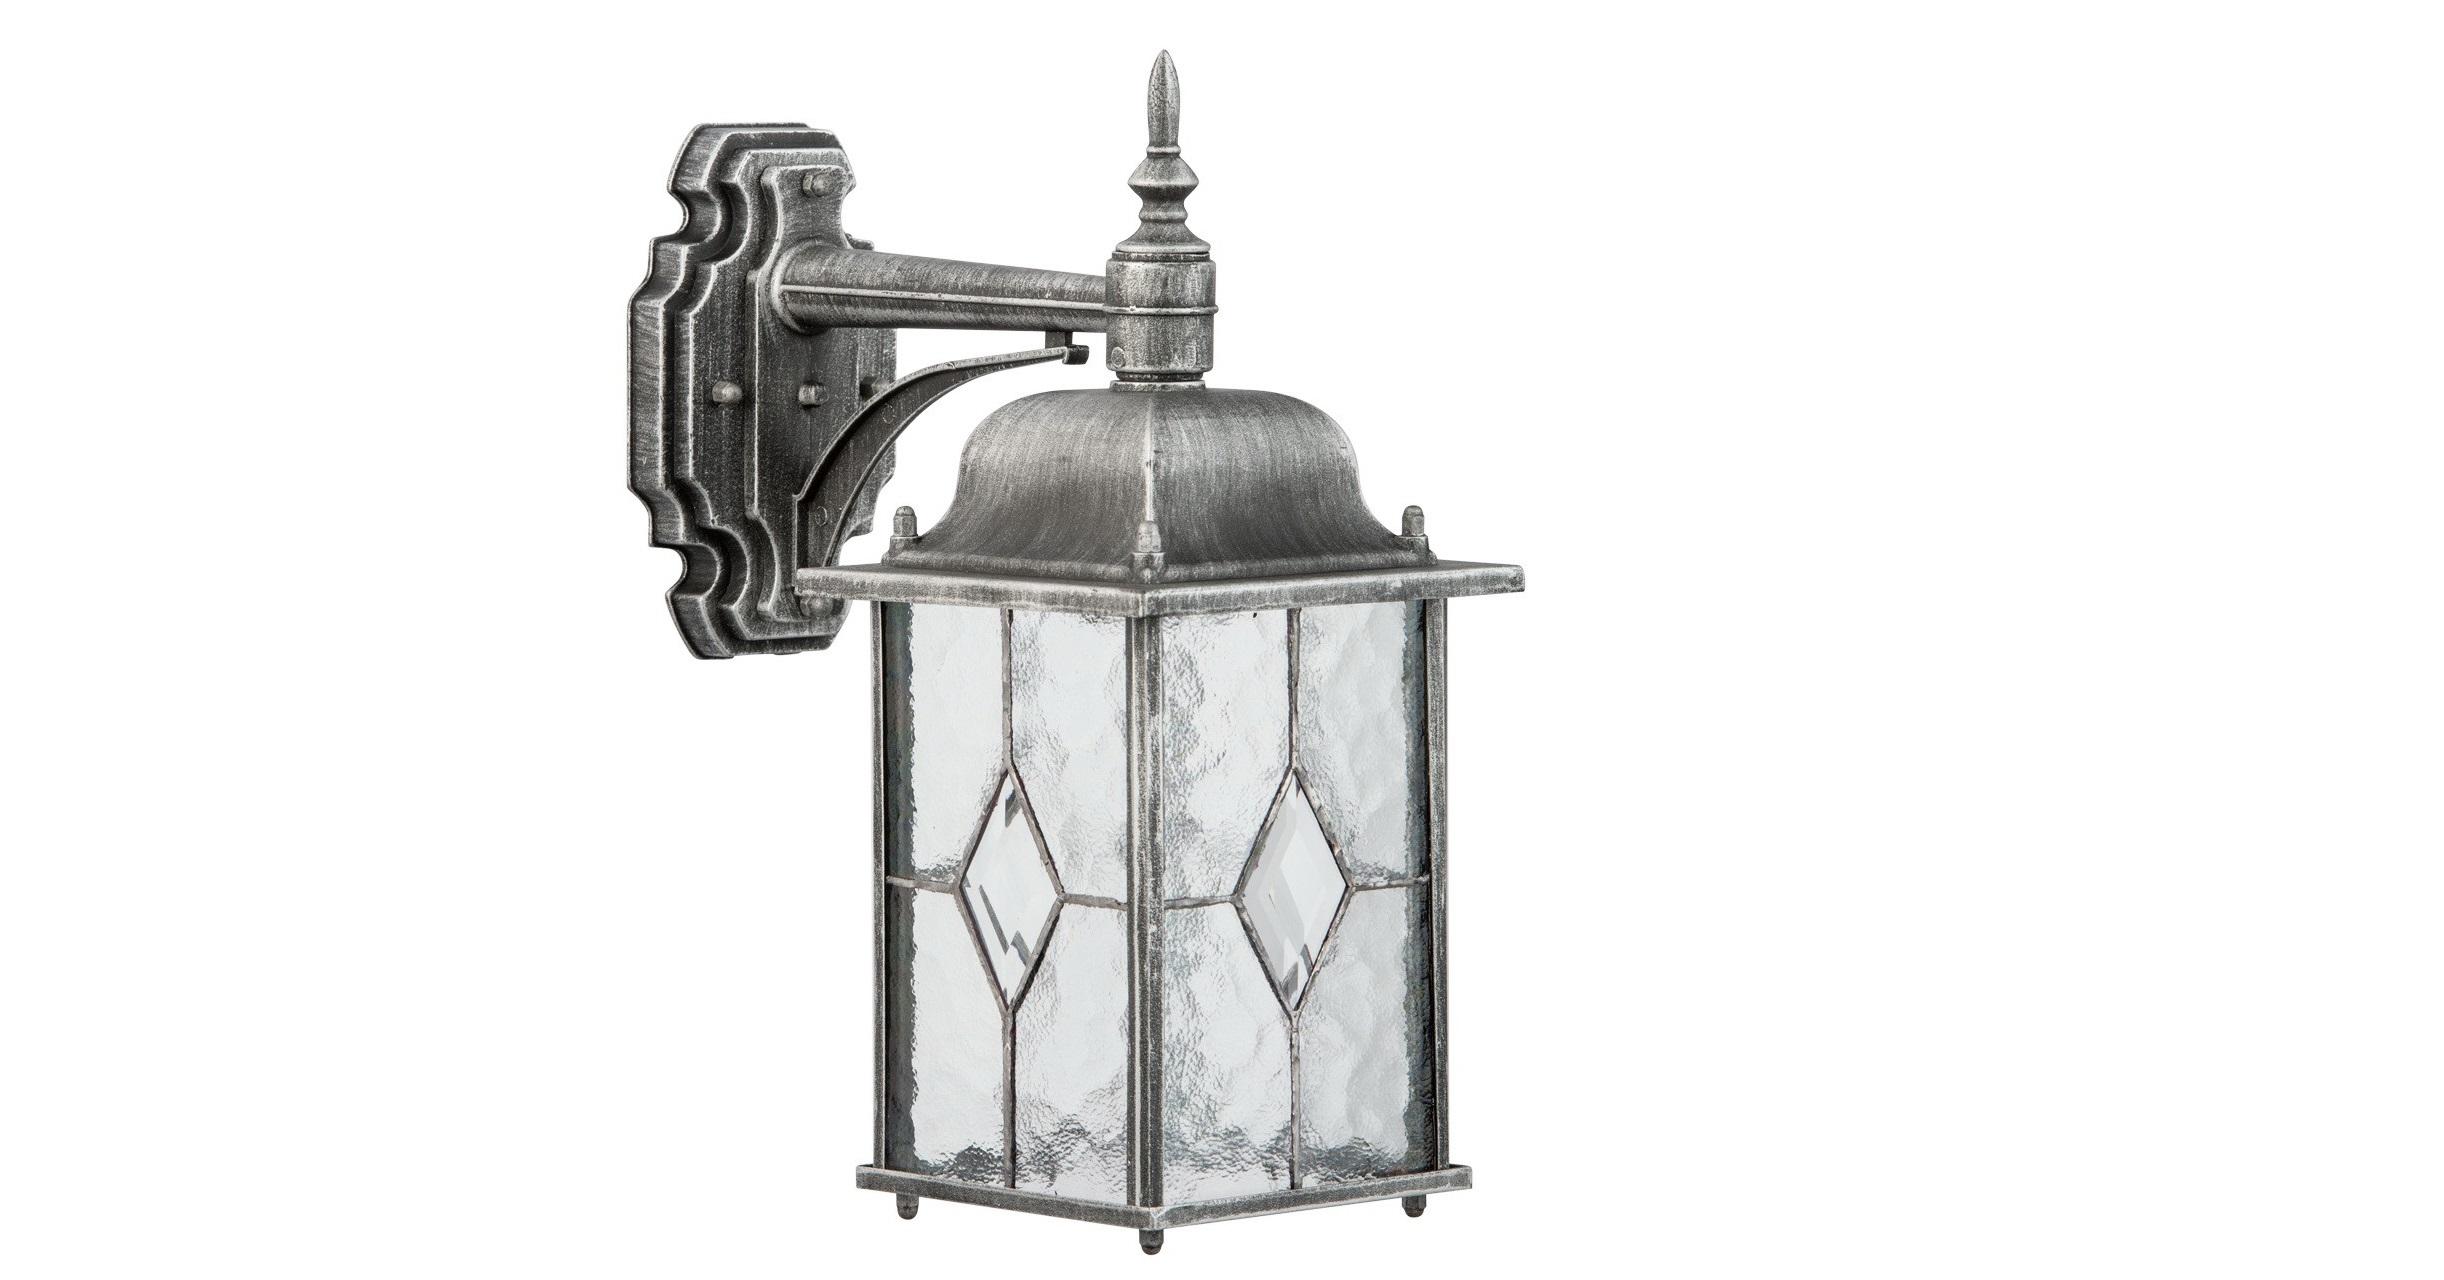 Уличный светильник БургосУличные настенные светильники<br>&amp;lt;div&amp;gt;Оригинальное витражное стекло в коллекции Бургос красиво преломляет лучи света, тем самым достойно украшая конструкцию светильников. Контуры алюминиевого литого основания чёрного цвета декорированы модной серебряной патиной. Благодаря лёгкости металлической конструкции и интересному дизайну, светильник отлично впишется в экстерьер любого природного ландшафта.&amp;lt;/div&amp;gt;&amp;lt;div&amp;gt;Основание из литого алюминия черного цвета, декорированное серебряной патиной, плафоны &amp;amp;nbsp;- витражное стекло.&amp;lt;/div&amp;gt;&amp;lt;div&amp;gt;&amp;lt;br&amp;gt;&amp;lt;/div&amp;gt;&amp;lt;div&amp;gt;Мощность 1*95W&amp;lt;/div&amp;gt;&amp;lt;div&amp;gt;Цоколь E27&amp;lt;/div&amp;gt;&amp;lt;div&amp;gt;Рабочее напряжение 220 V&amp;lt;/div&amp;gt;&amp;lt;div&amp;gt;Степень защиты светильников от пыли и влаги&amp;amp;nbsp;IP44&amp;lt;/div&amp;gt;<br><br>Material: Алюминий<br>Length см: None<br>Width см: 16<br>Depth см: 29<br>Height см: 35